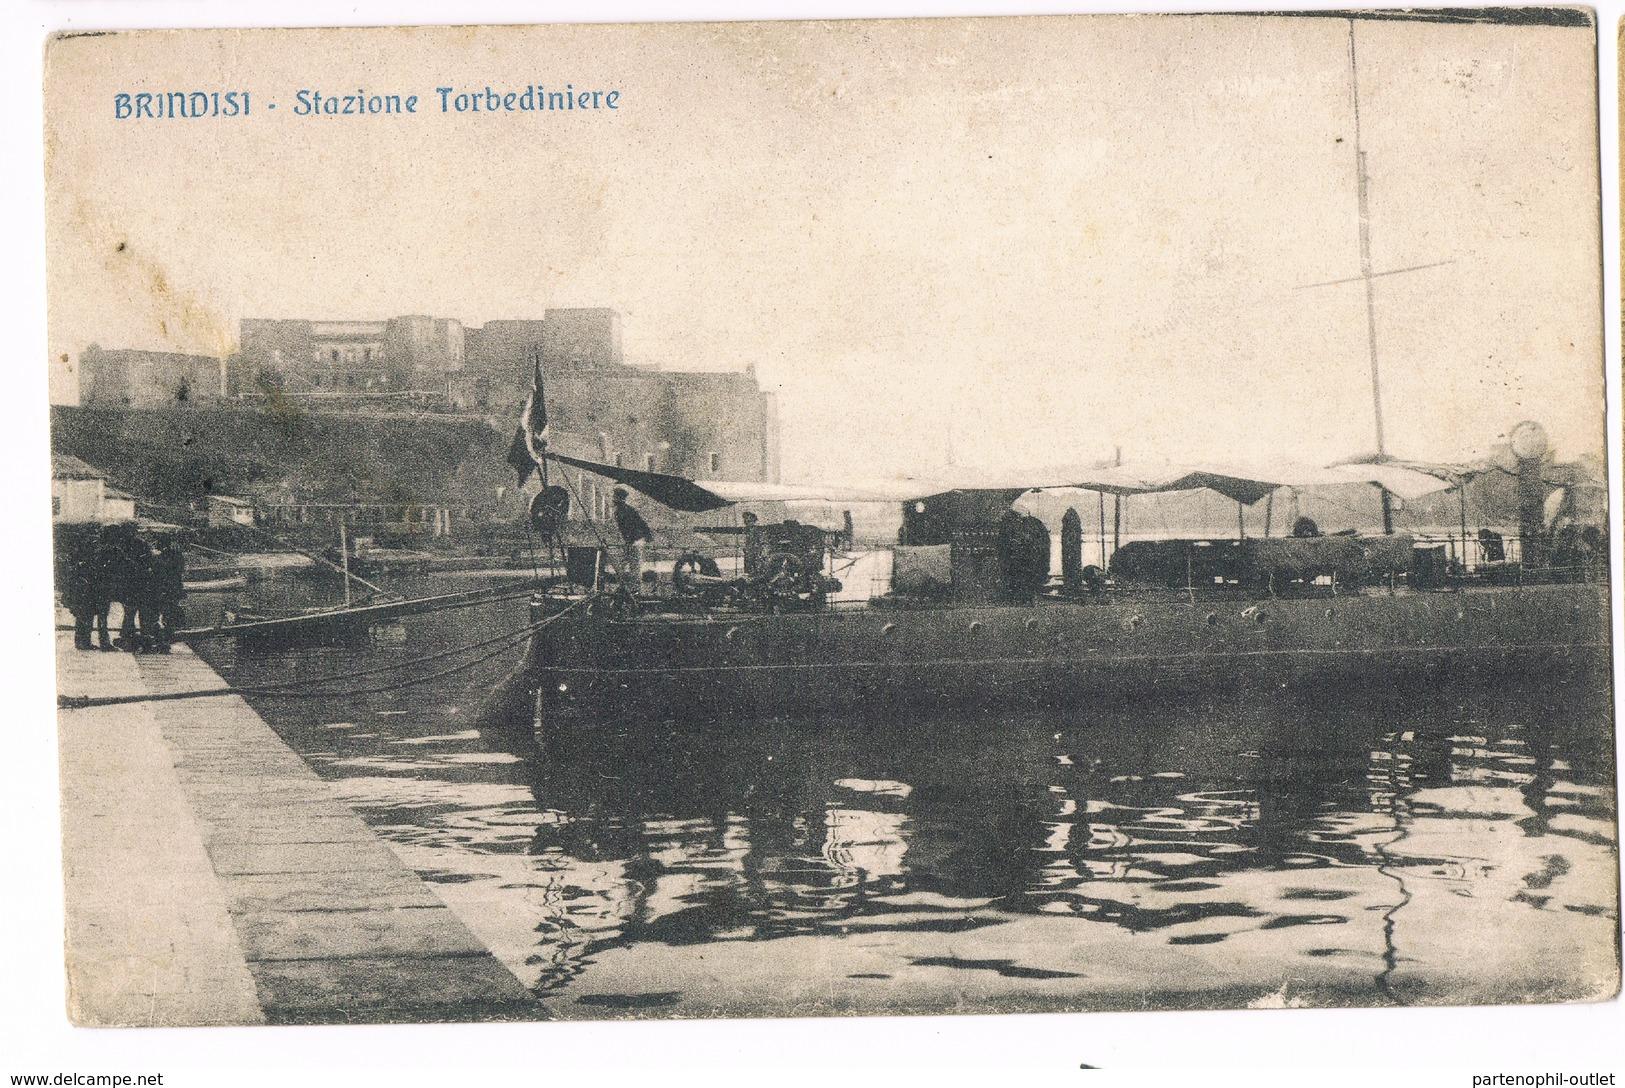 Cartolina - Postcard / Viaggiata - Sent / Brindisi — Stazione Torbediniere - Brindisi